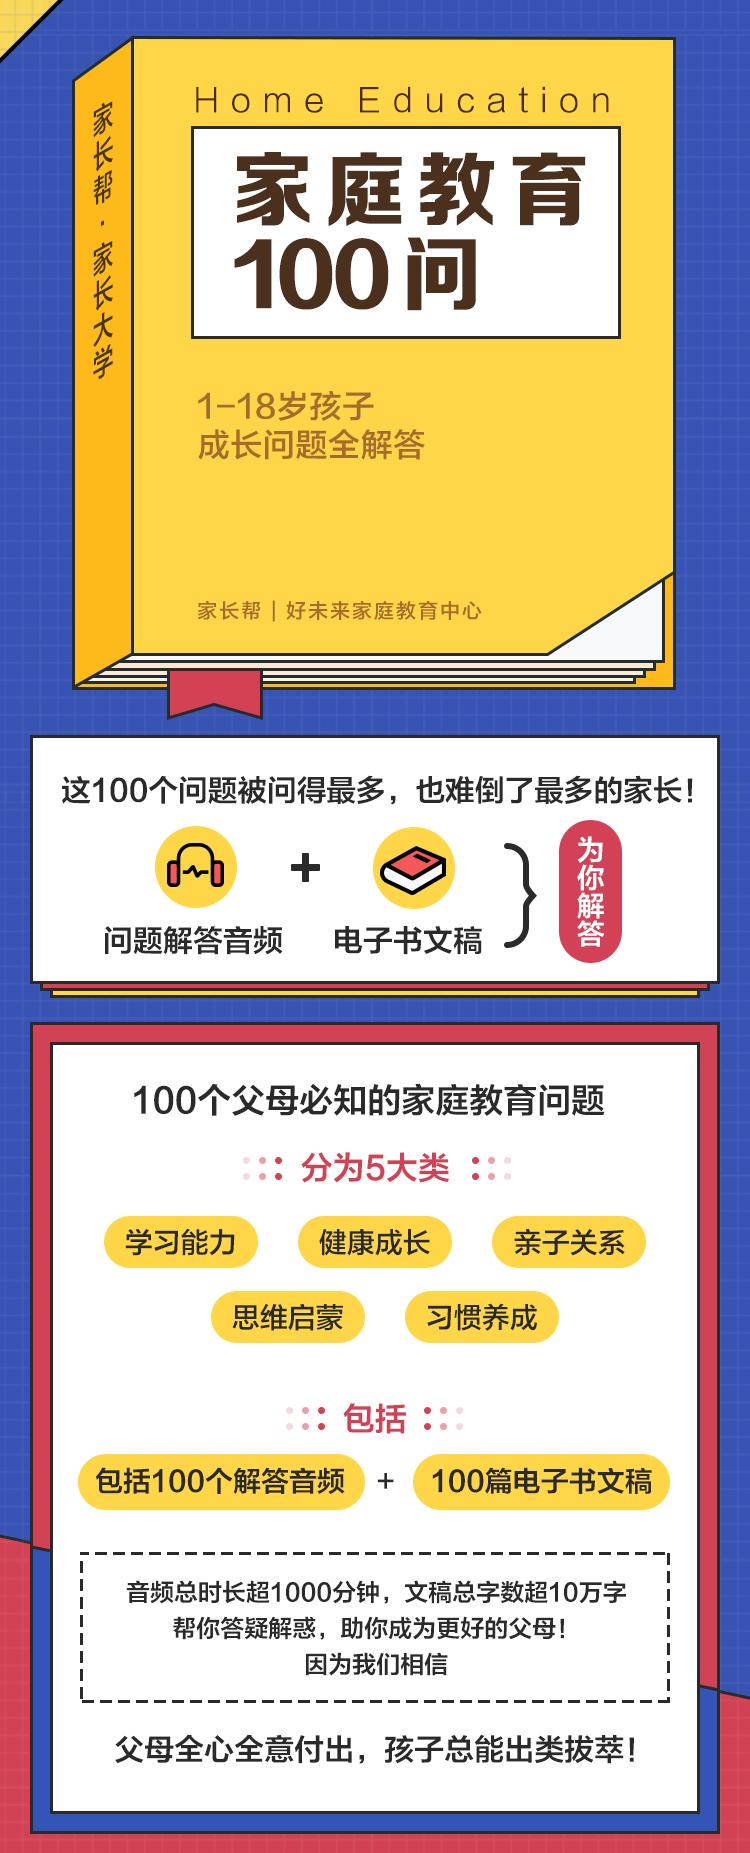 《家庭教育100问》副本副本.png